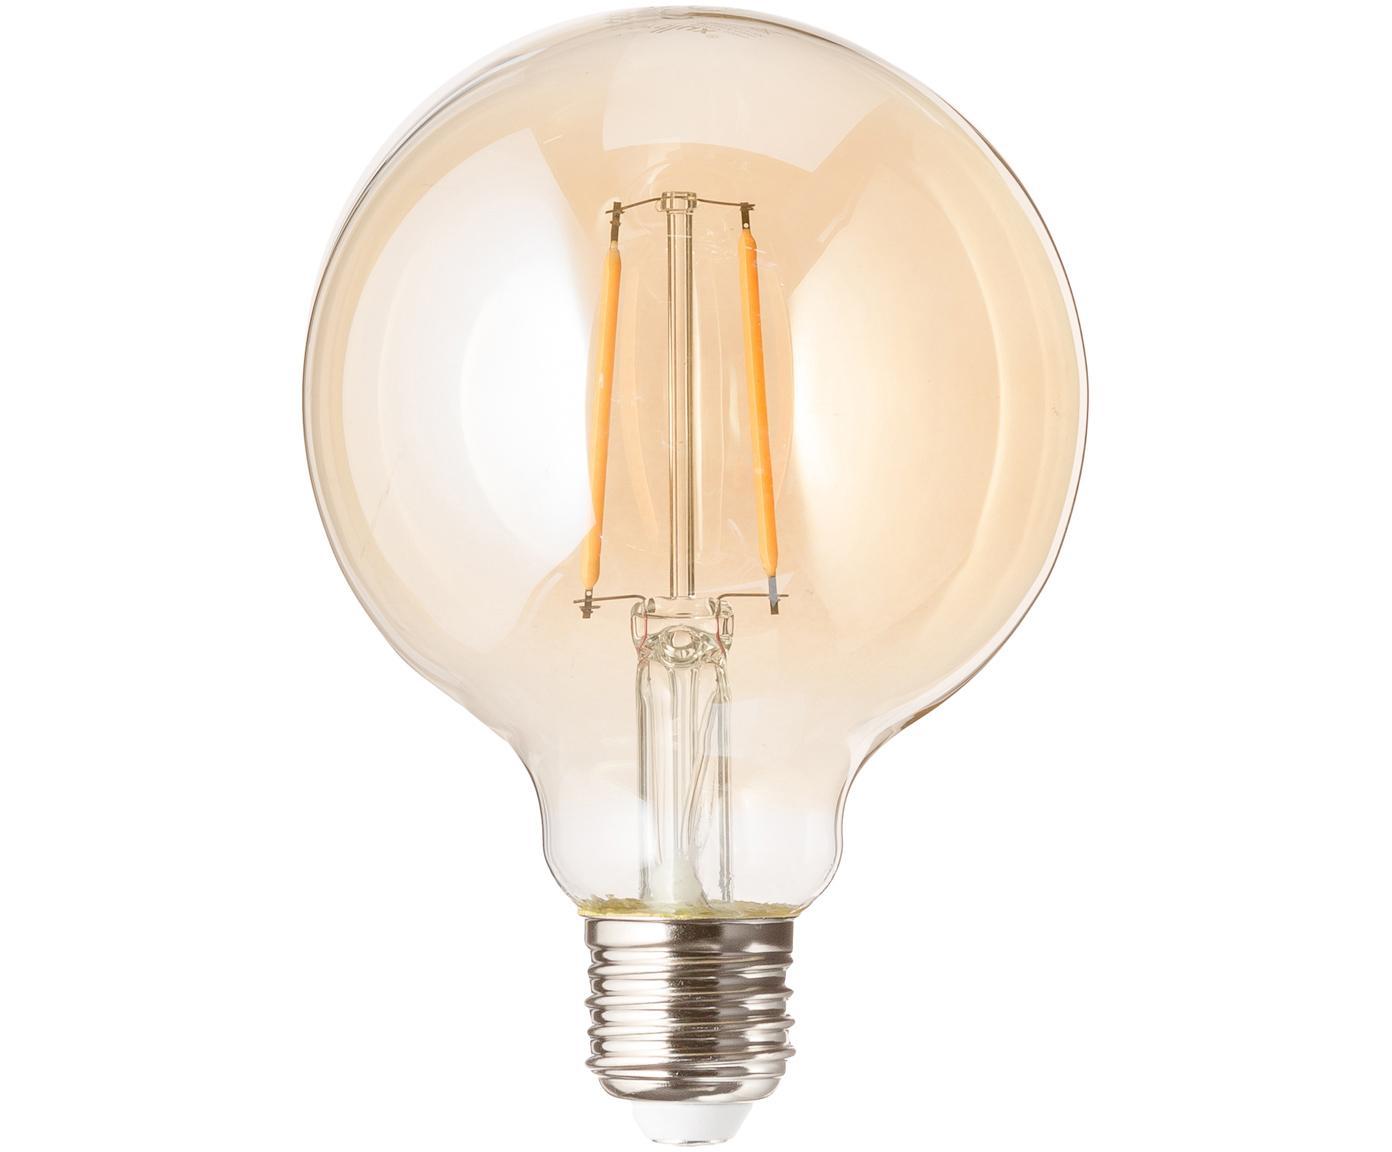 Żarówka LED Rash (E27 / 1,2W), Odcienie bursztynowego, Ø 10 x W 14 cm